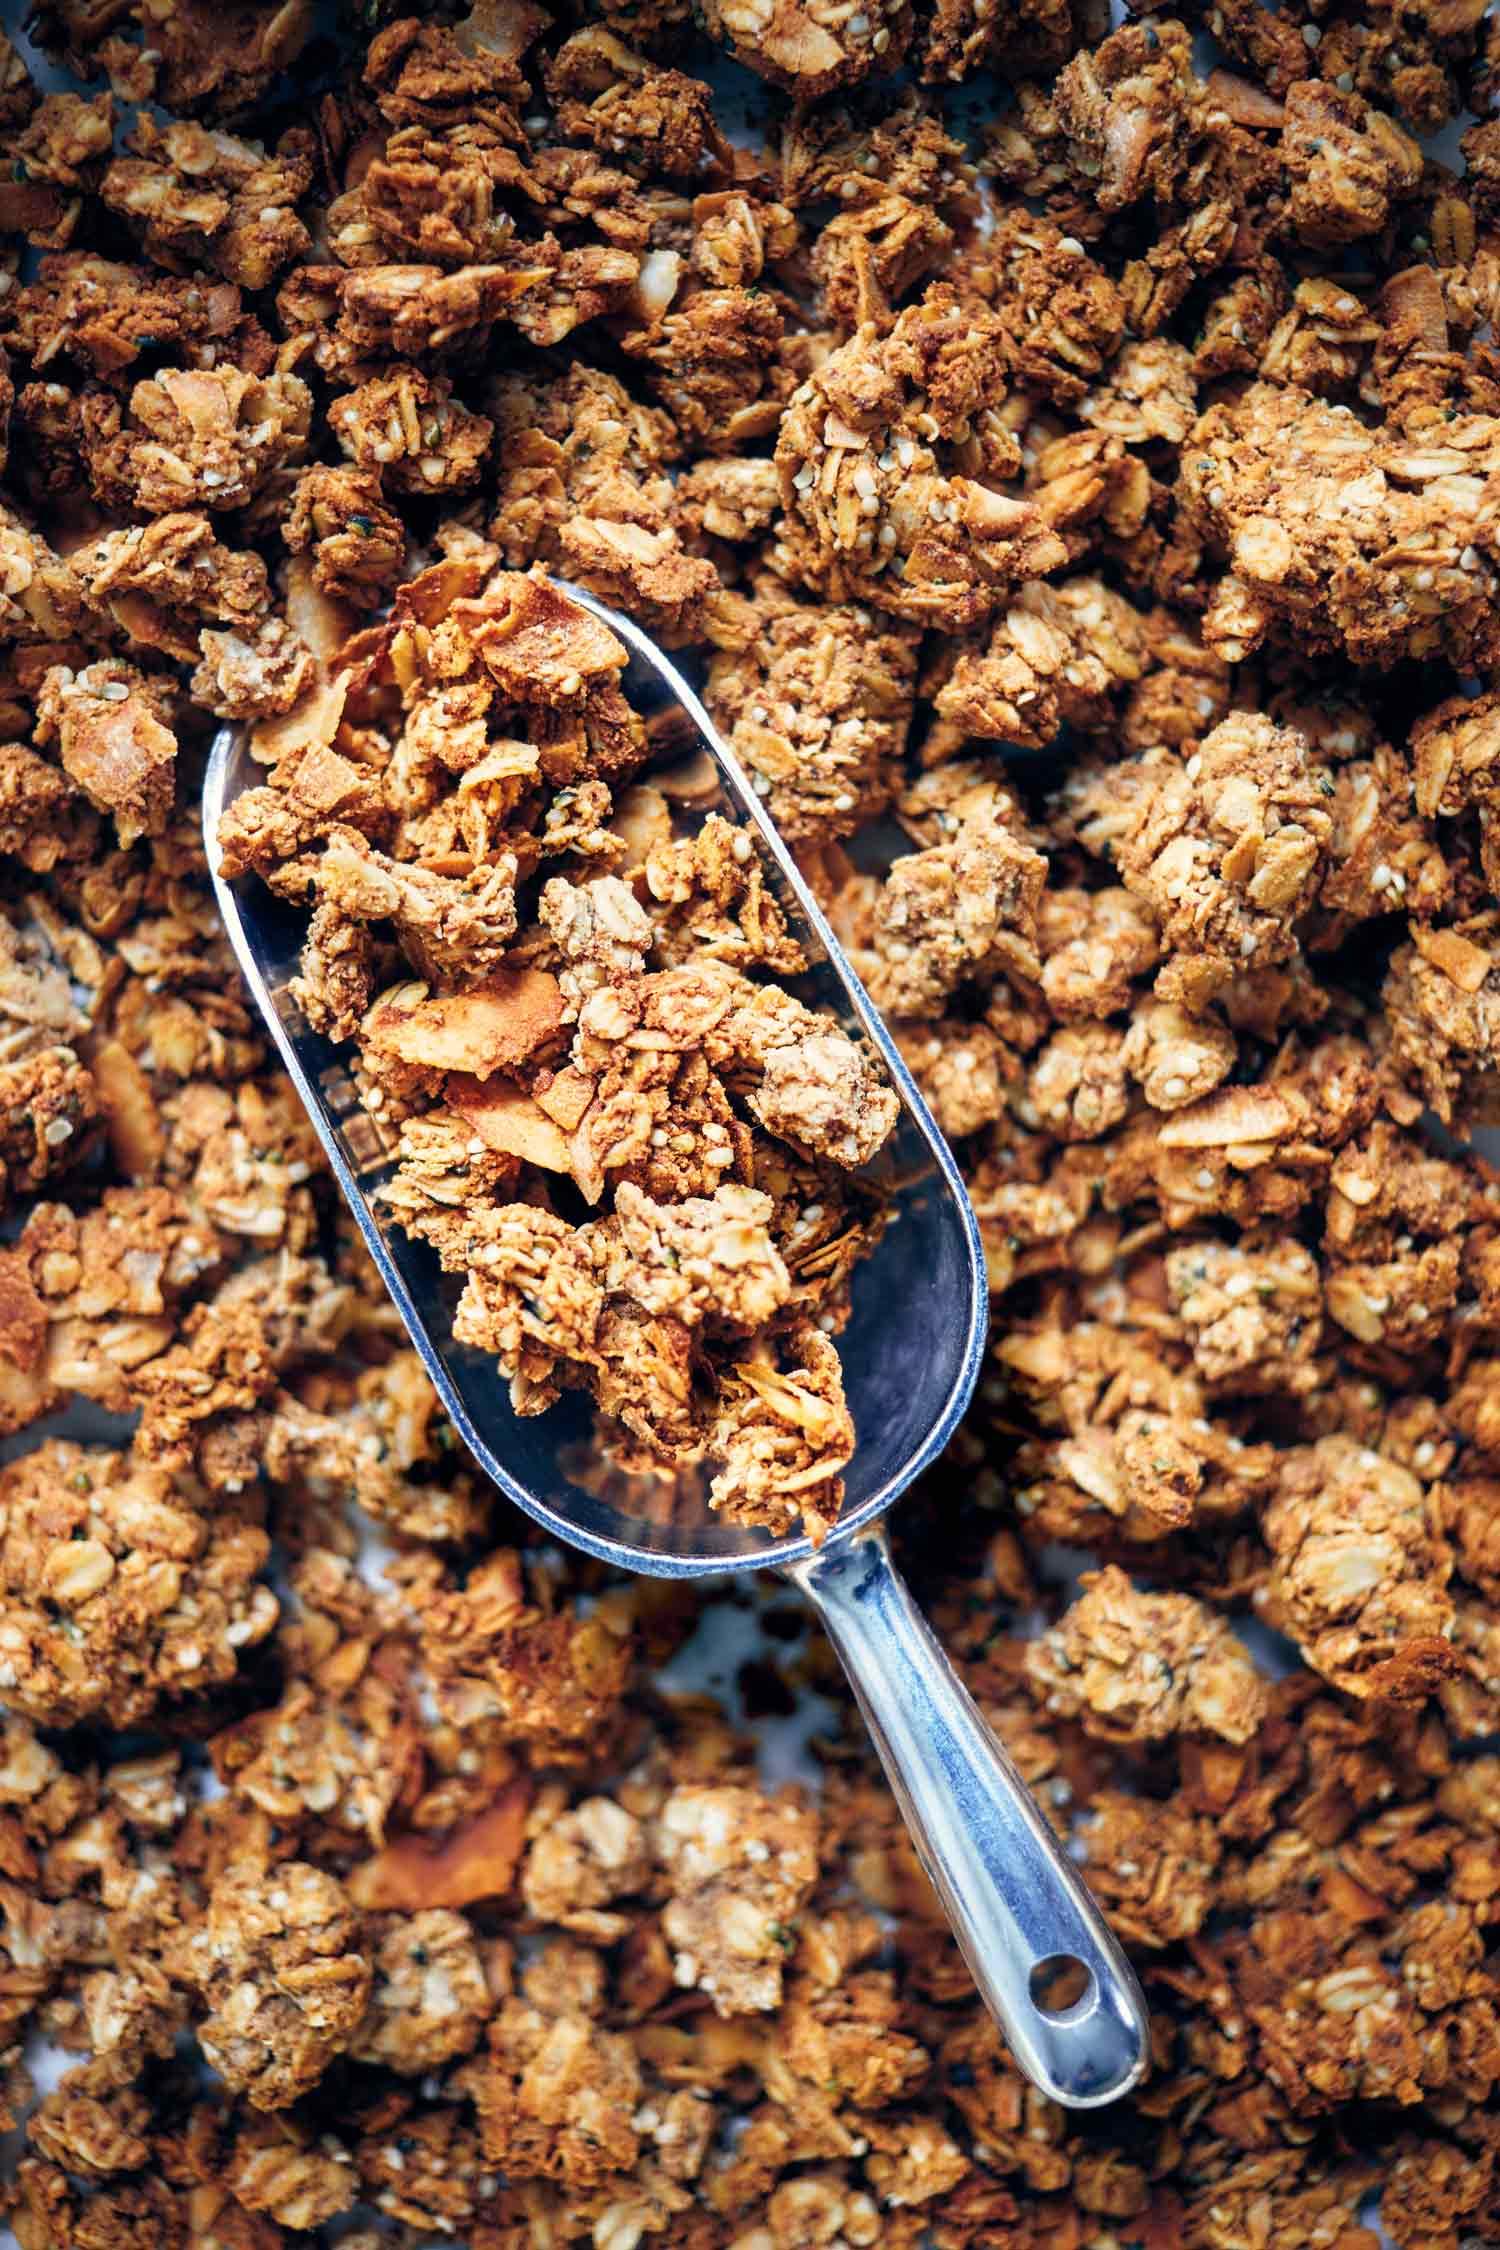 Easy Nut Pulp Granola | Evergreen Kitchen | Vegan & Gluten Free